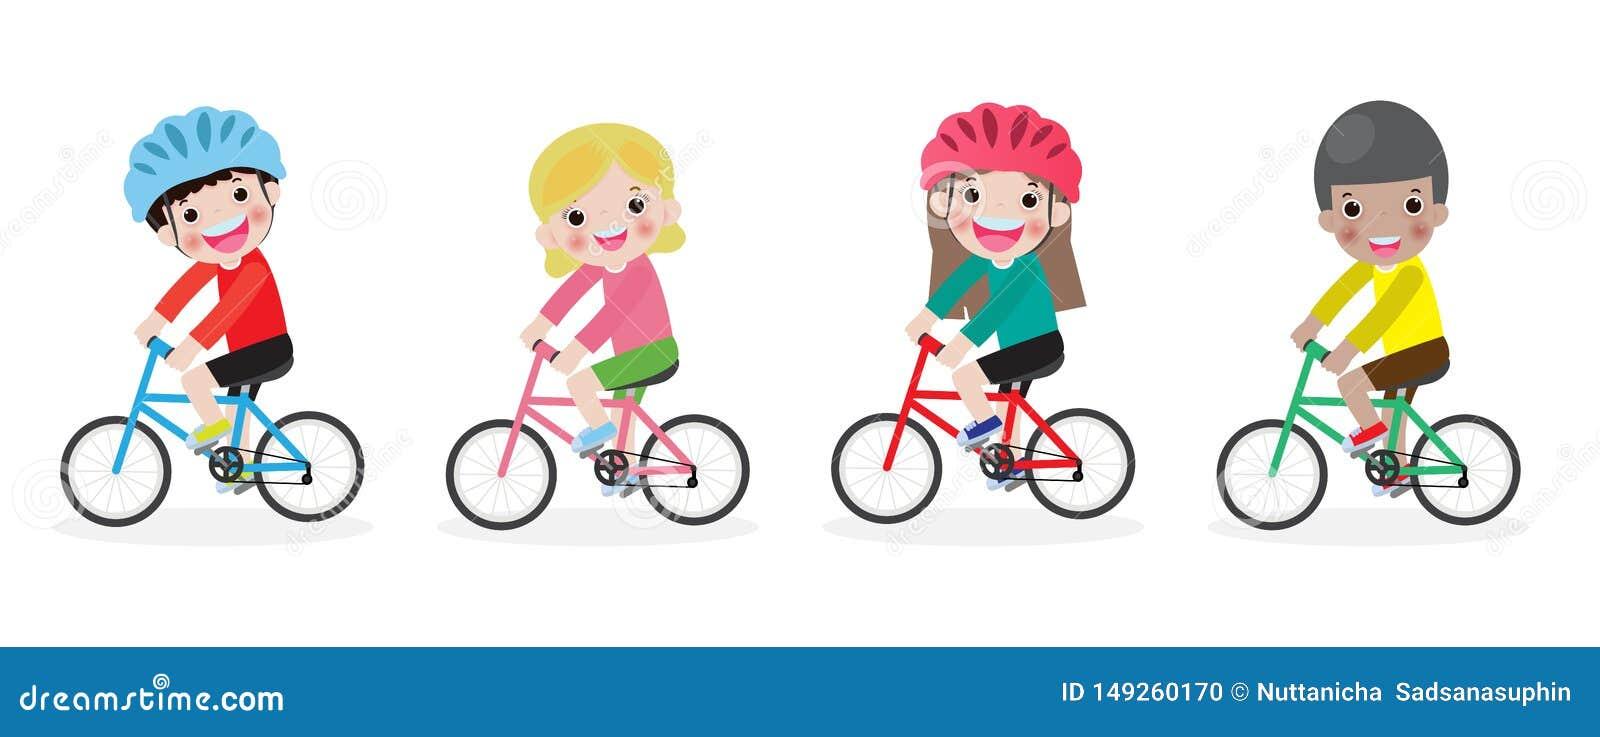 在自行车,儿童骑马自行车,骑自行车,儿童骑马自行车,自行车传染媒介的孩子的孩子的愉快的孩子在白色背景,不适